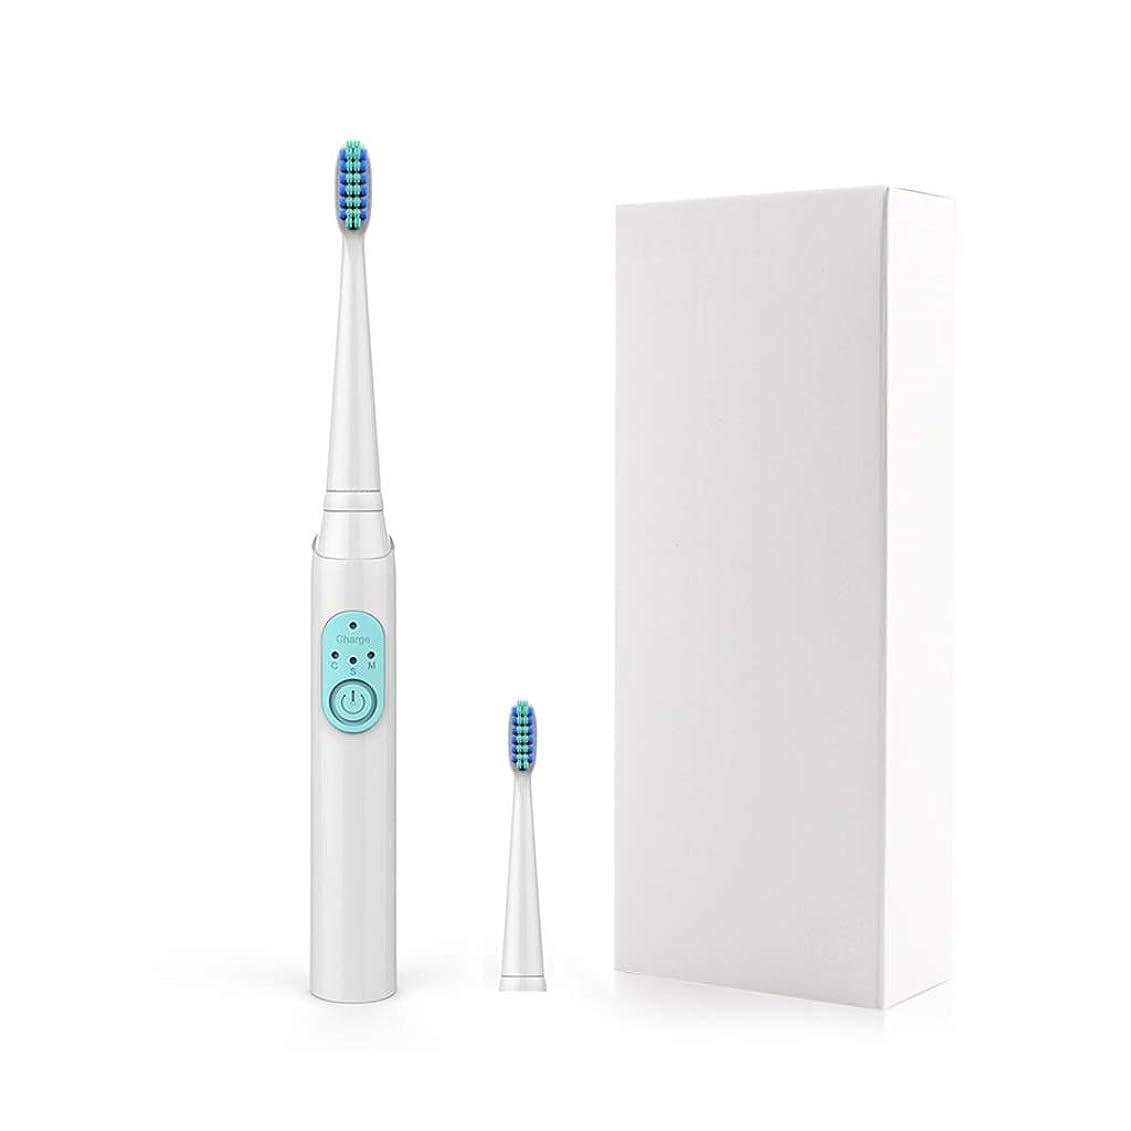 毎月和解する乱す電動歯ブラシ 3ファイル電動歯ブラシ子供インテリジェントリマインダー大人の音波振動USB歯ブラシ (色 : A)